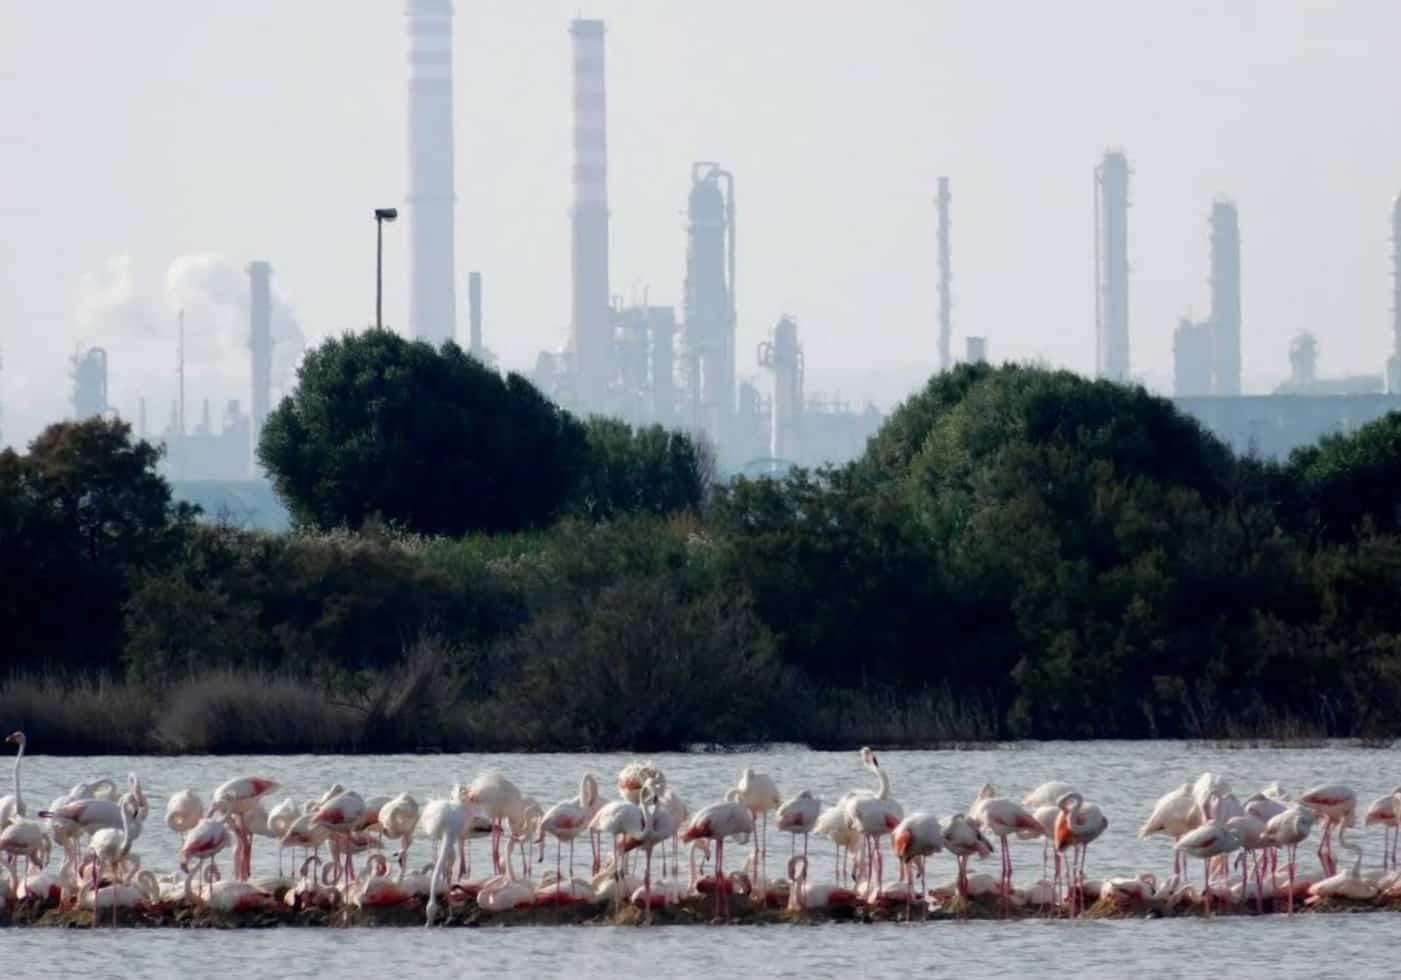 Saline di priolo con gruppo di fenicotteri rosa con vista delle industrie a Siracusa, Sicilia